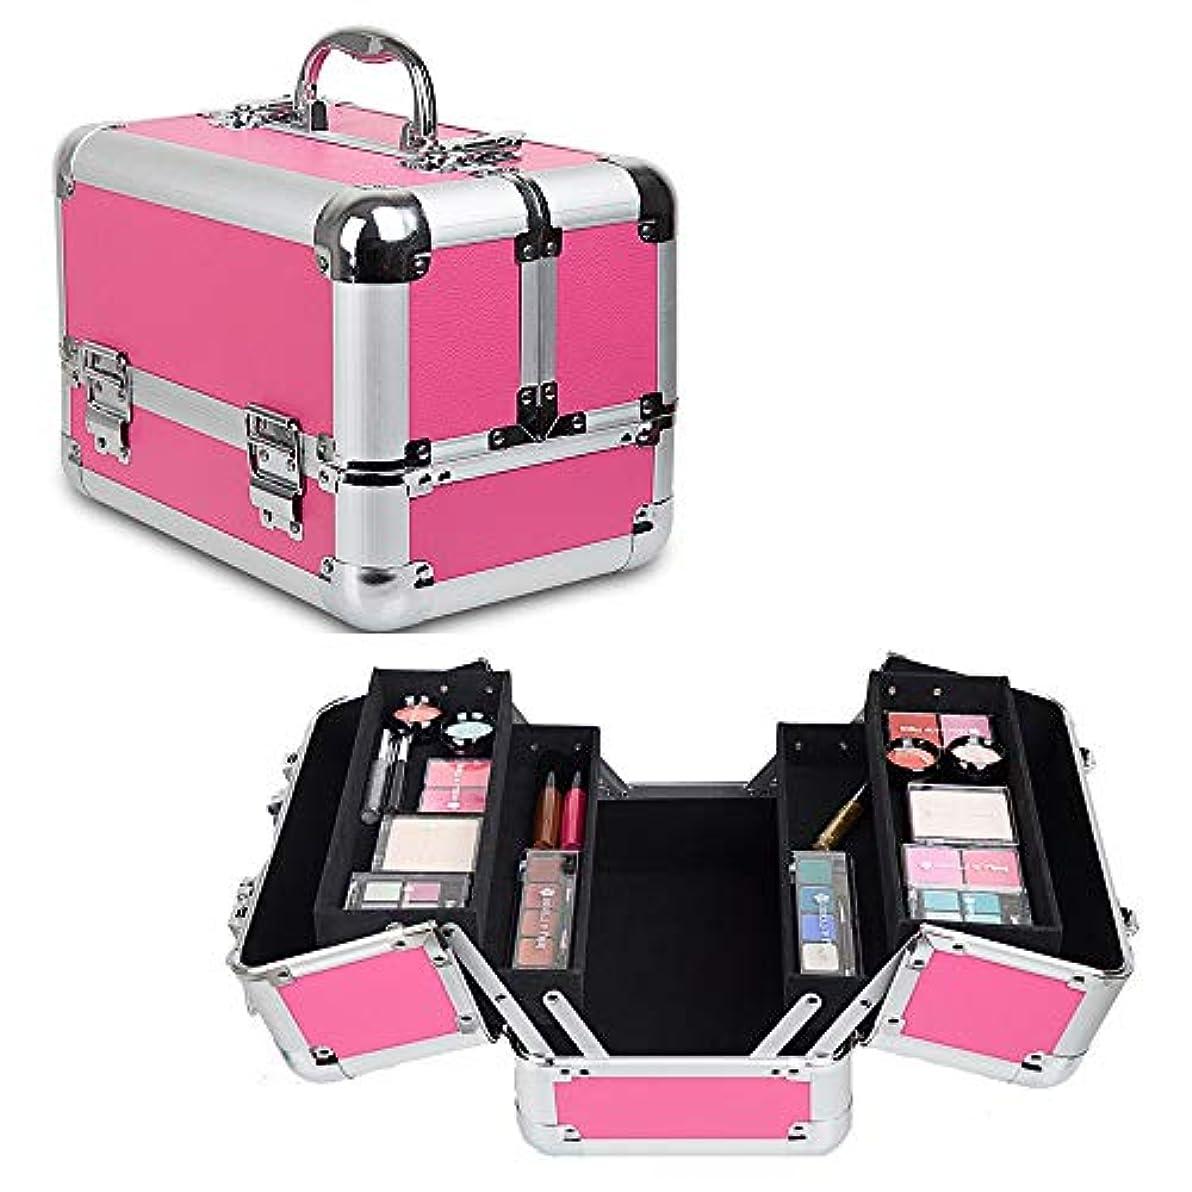 クマノミ整然とした関連付ける特大スペース収納ビューティーボックス 美の構造のためそしてジッパーおよび折る皿が付いている女の子の女性旅行そして毎日の貯蔵のための高容量の携帯用化粧品袋 化粧品化粧台